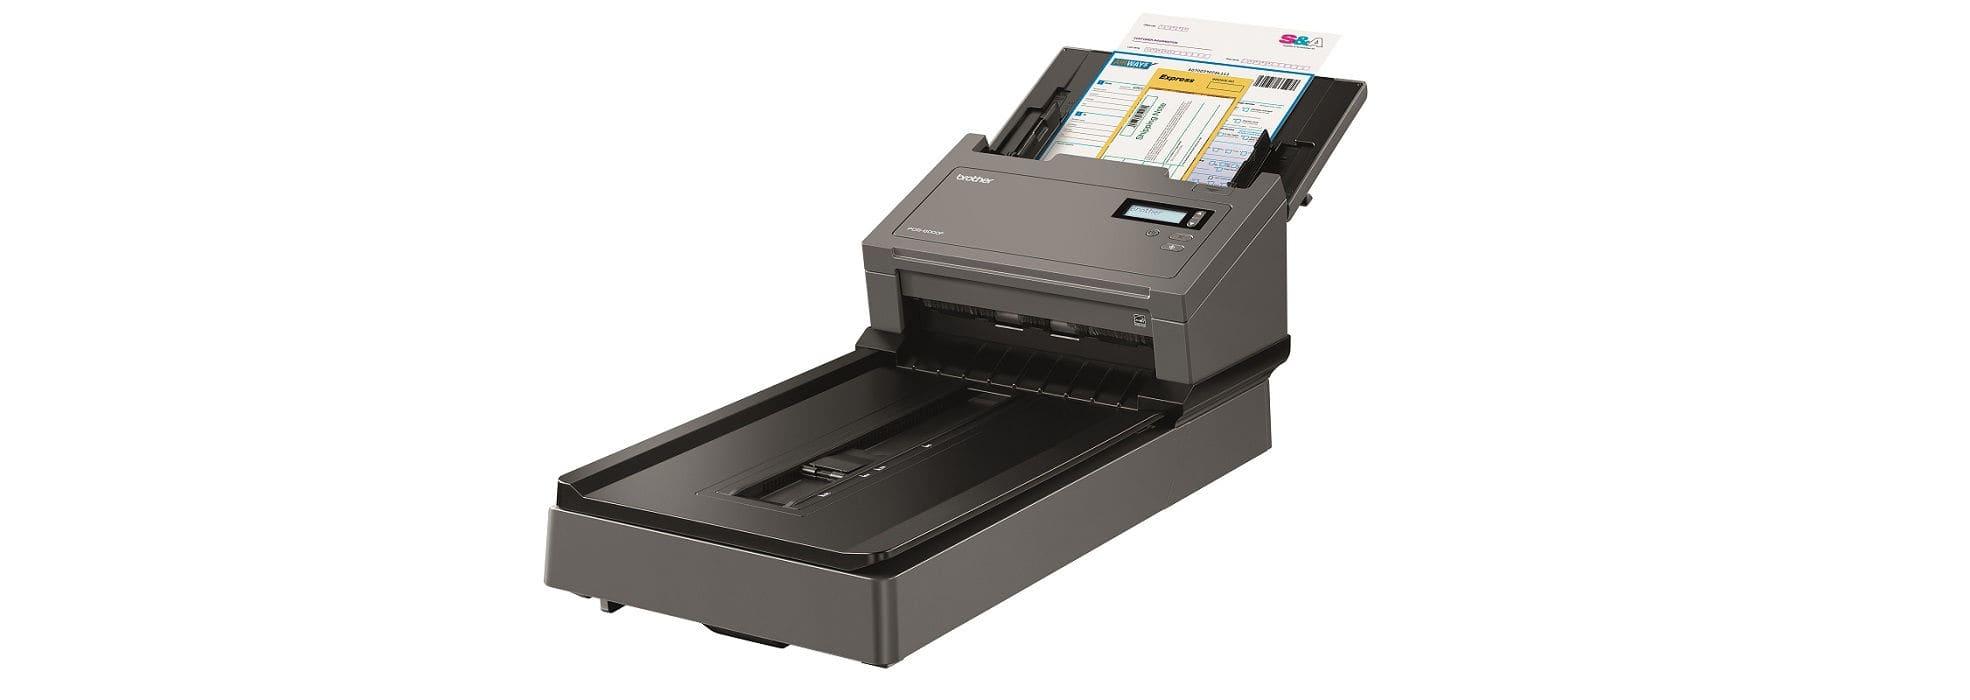 Scanner professionale ad alta velocità Brother PDS-6000F con piano fisso per documenti multipli e rilegati